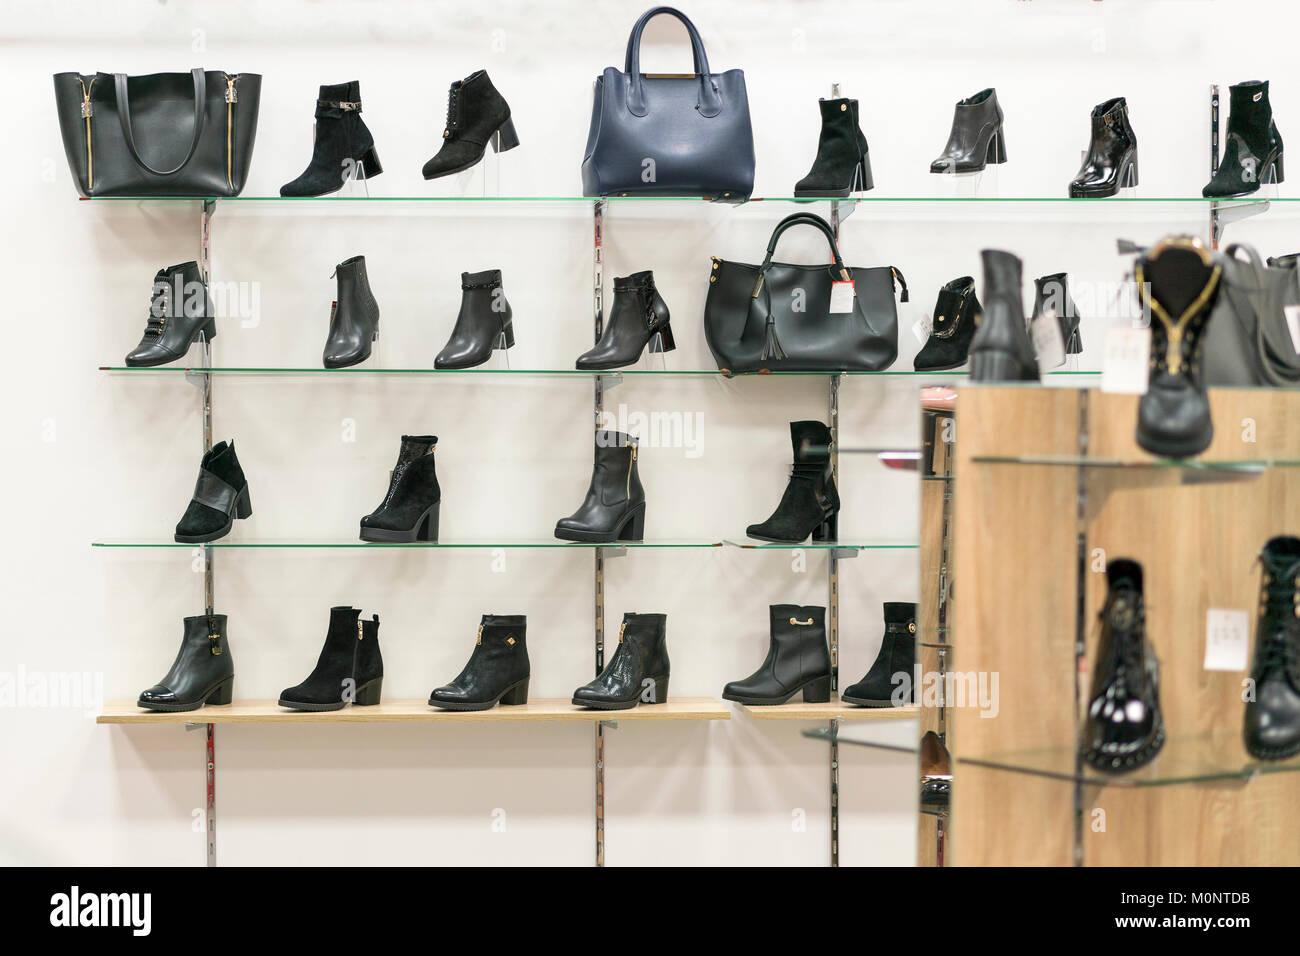 fece1d2df Los estantes con zapatos de cuero en una tienda de zapatos Foto ...